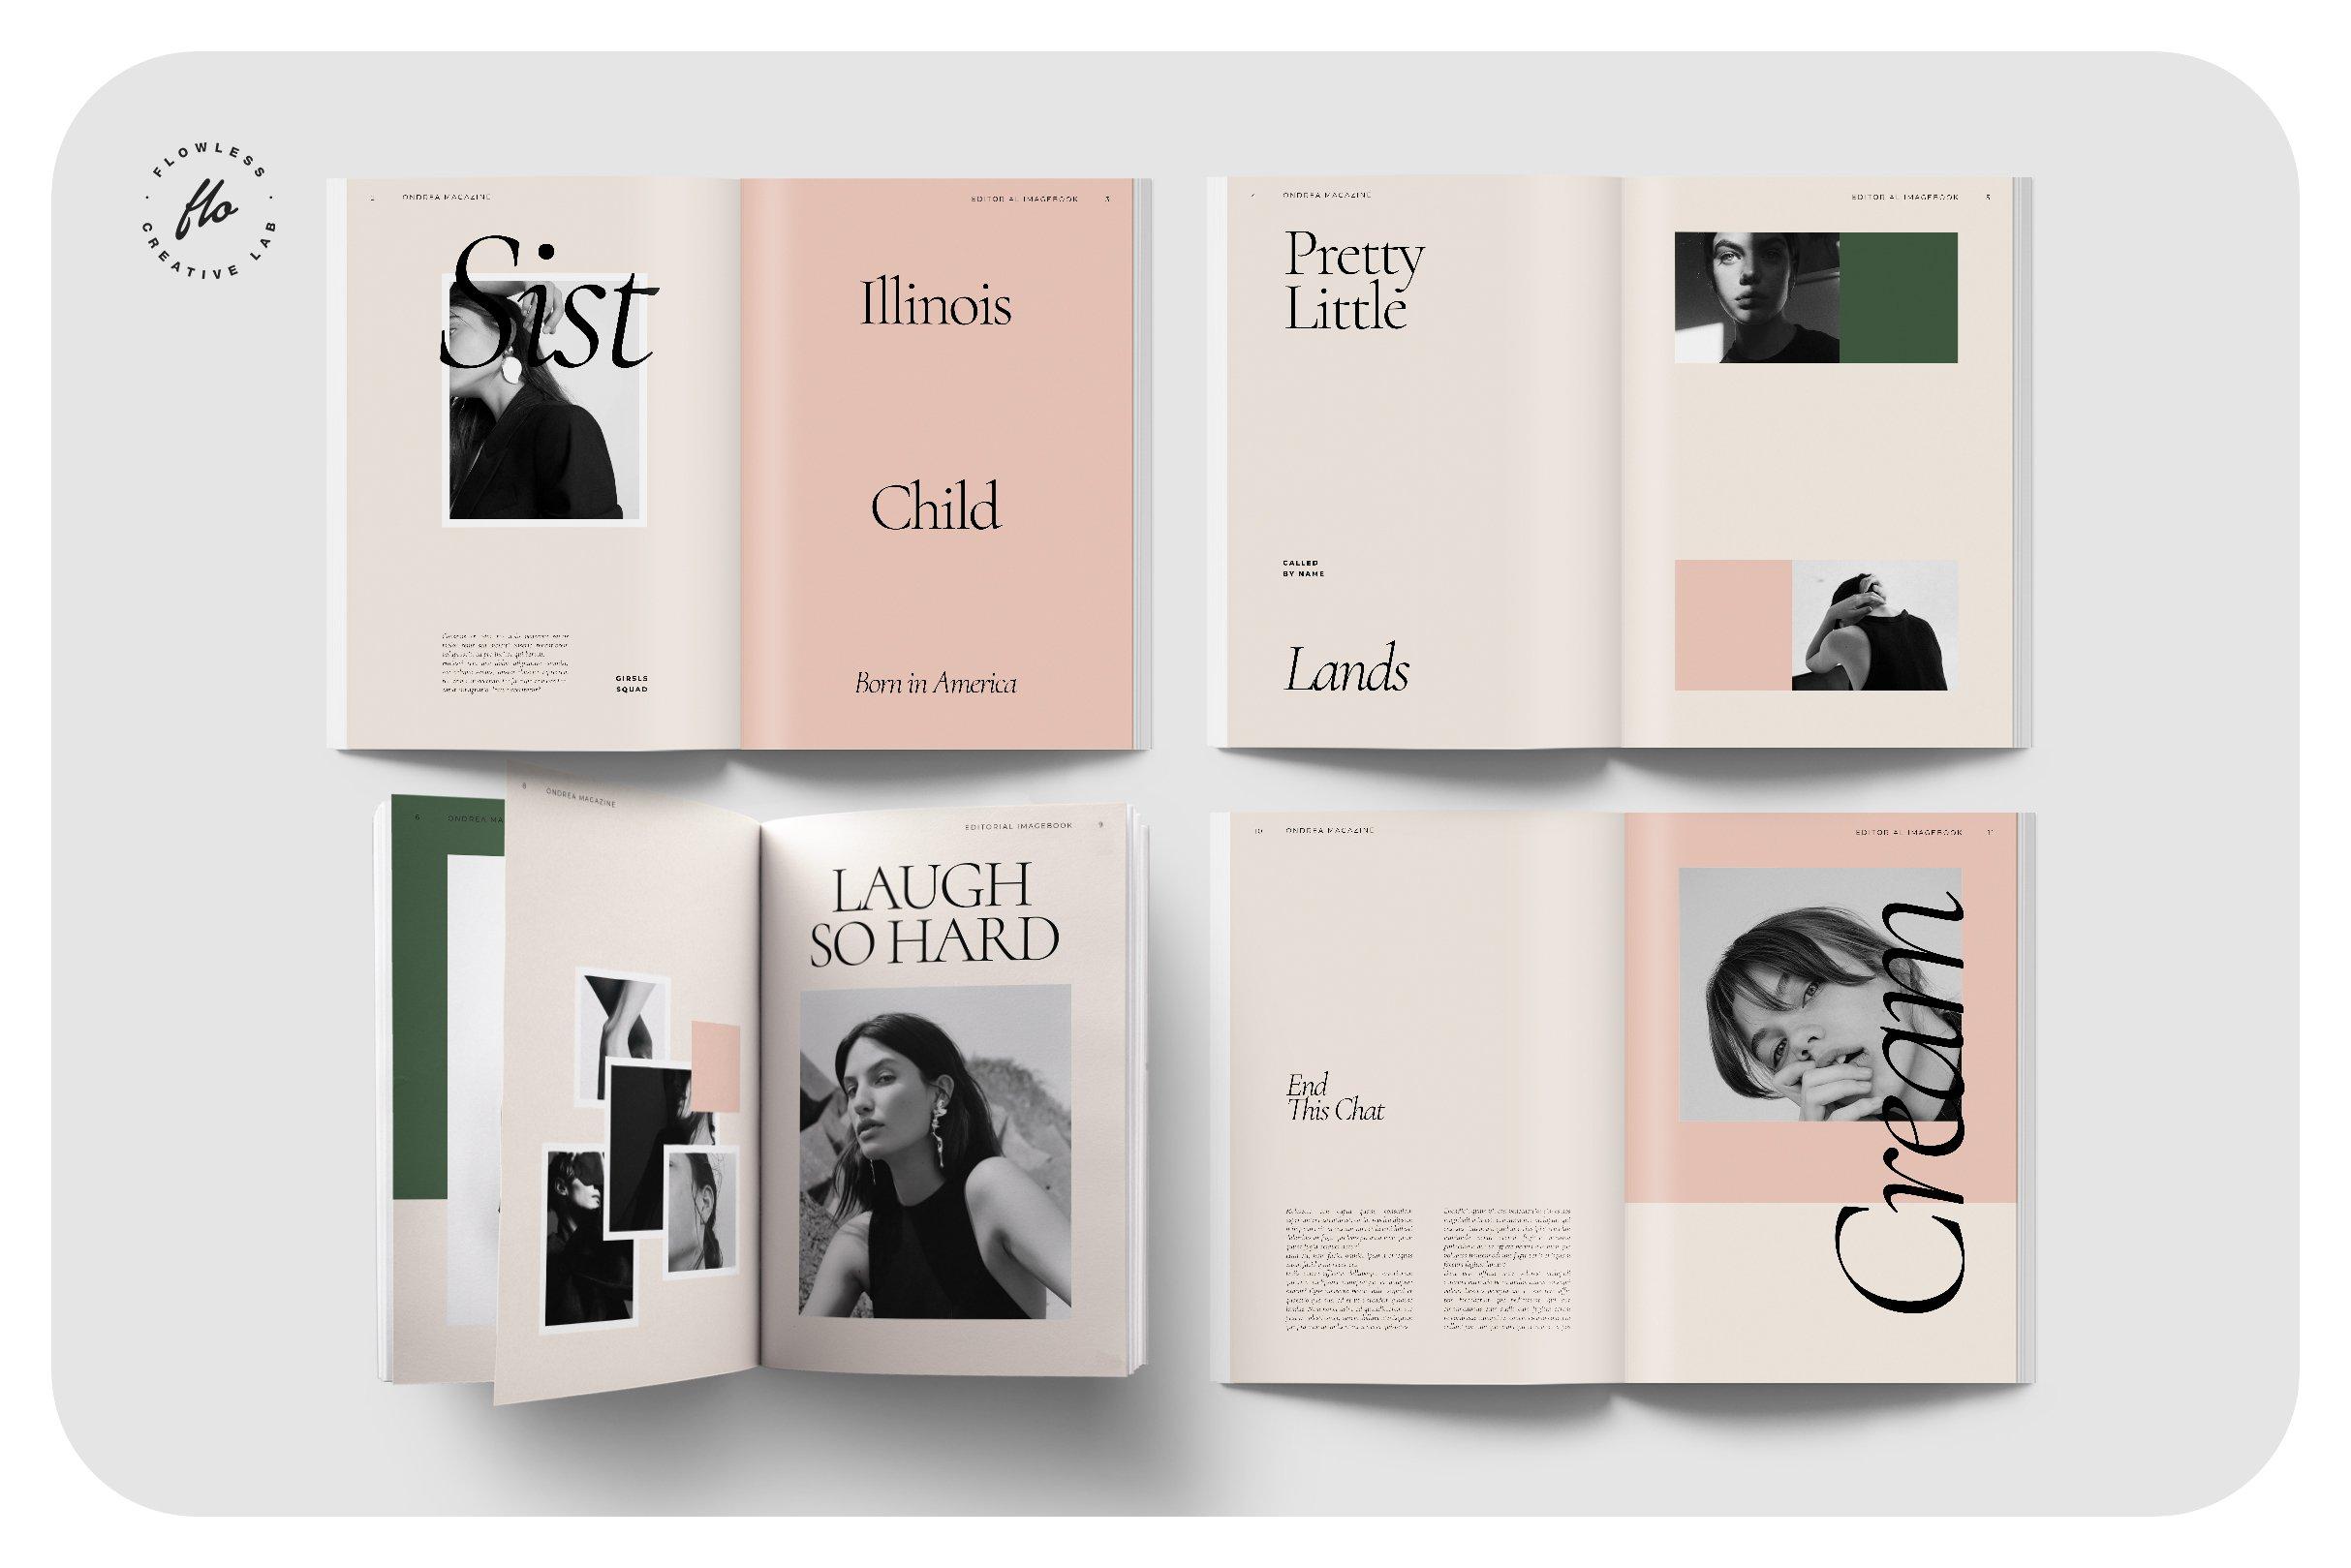 时尚服装设计作品集INDD画册模板 ONDREA Editorial Imagebook插图(1)